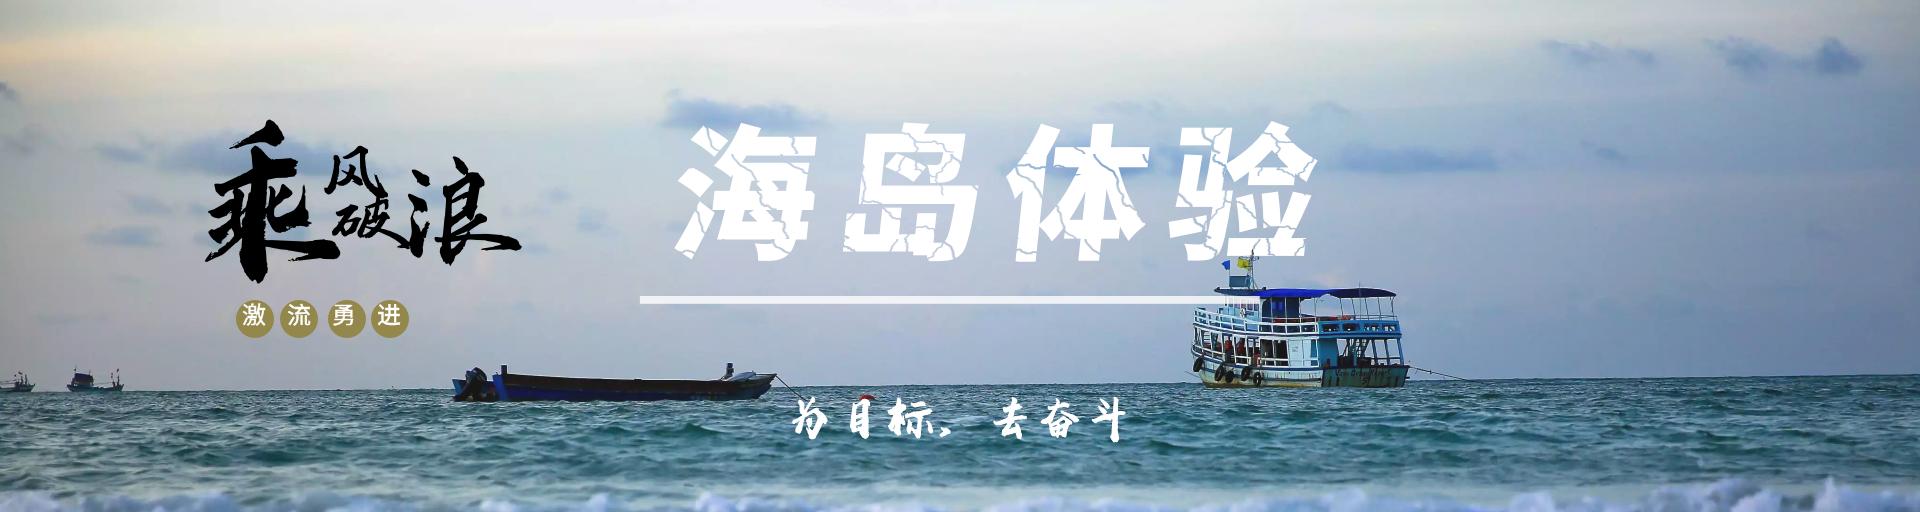 惠州戶外拓展